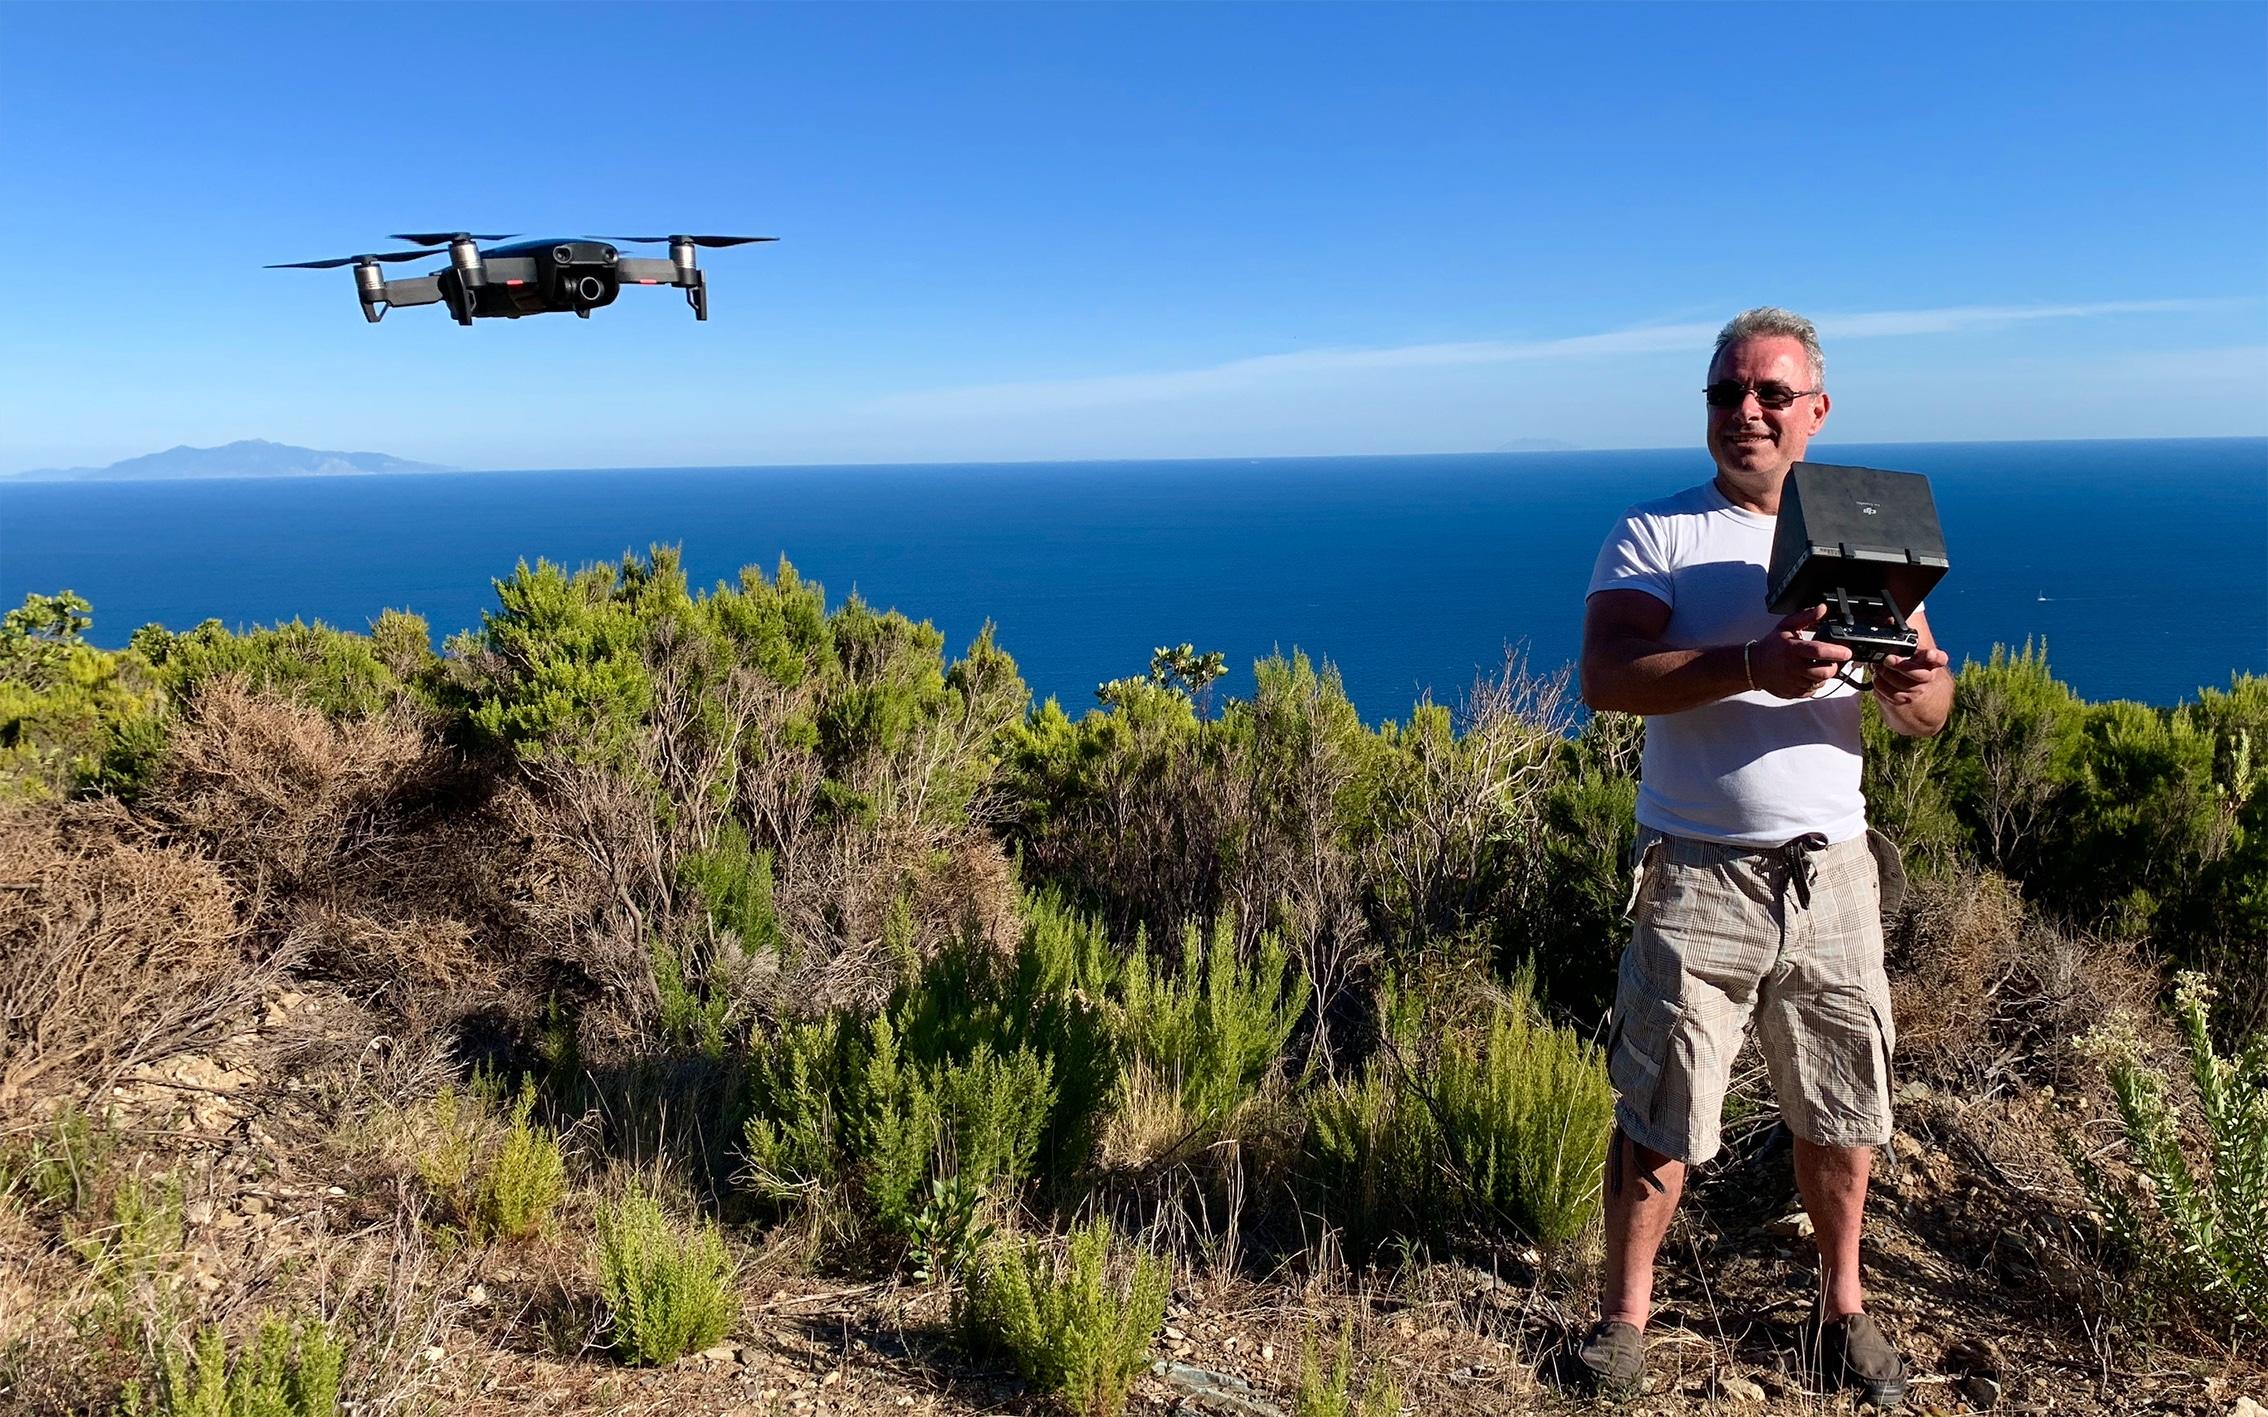 Ecole-Drone-Corse-Octobre-2018